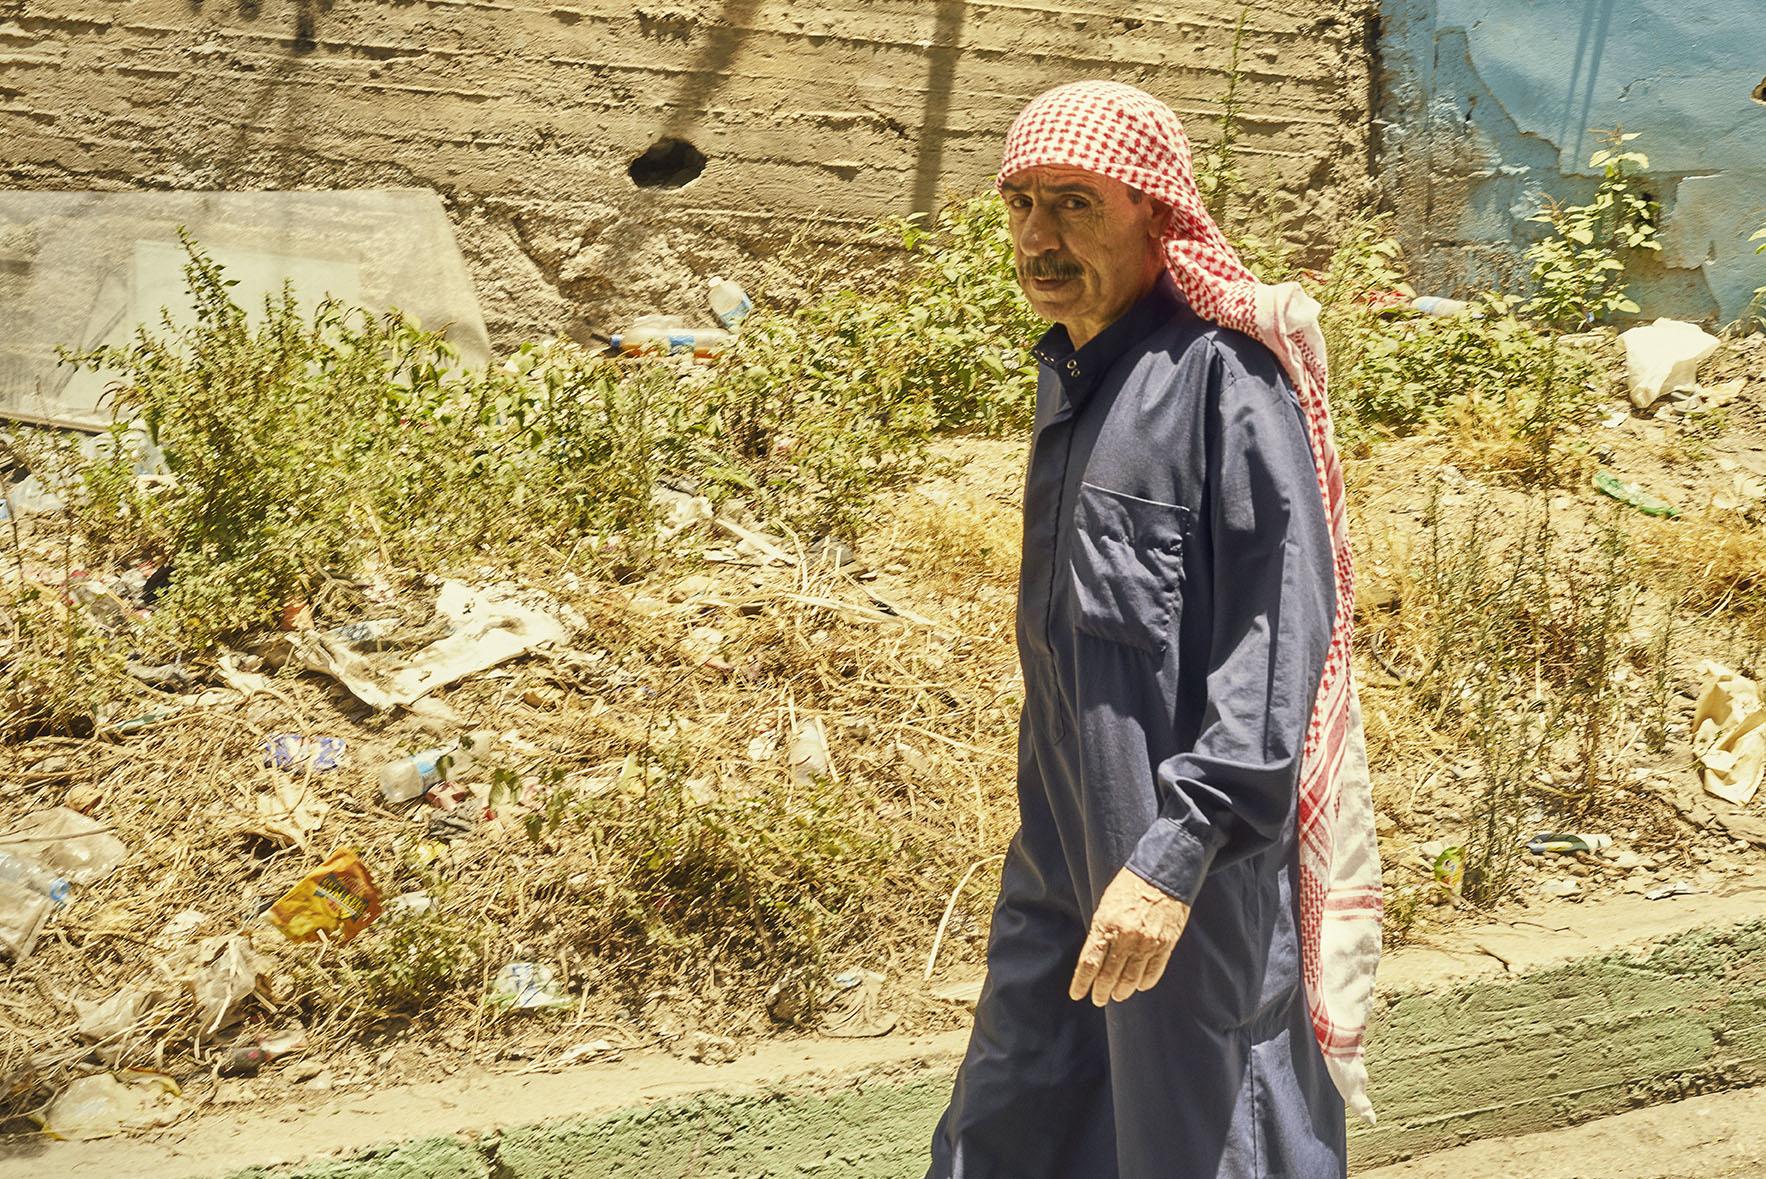 Palestinian Guy walking